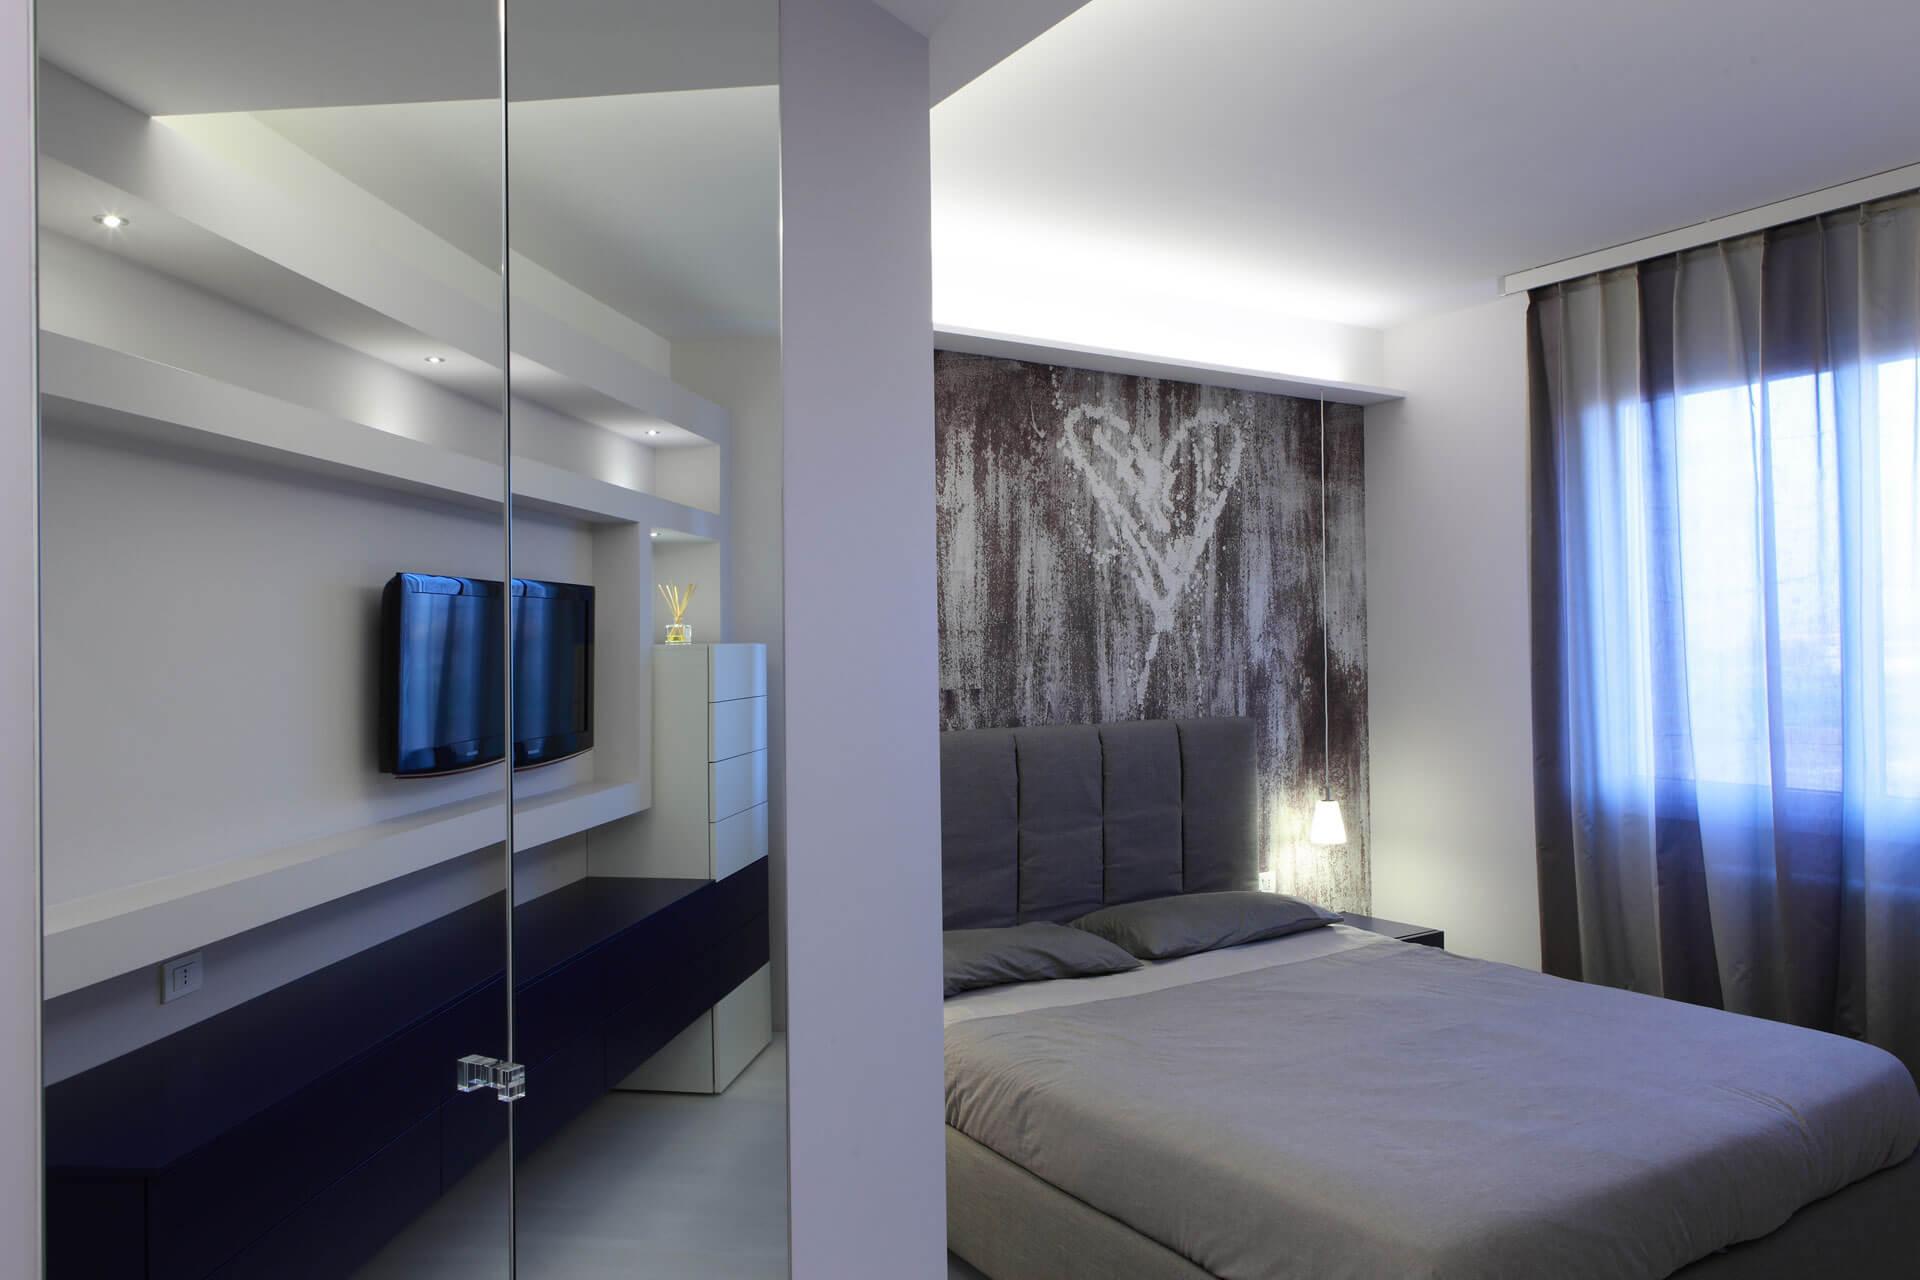 micaela mazzoni studio interior designer bologna - progetti abitativi - gallery - appartamento castel maggiore - le piazze 3